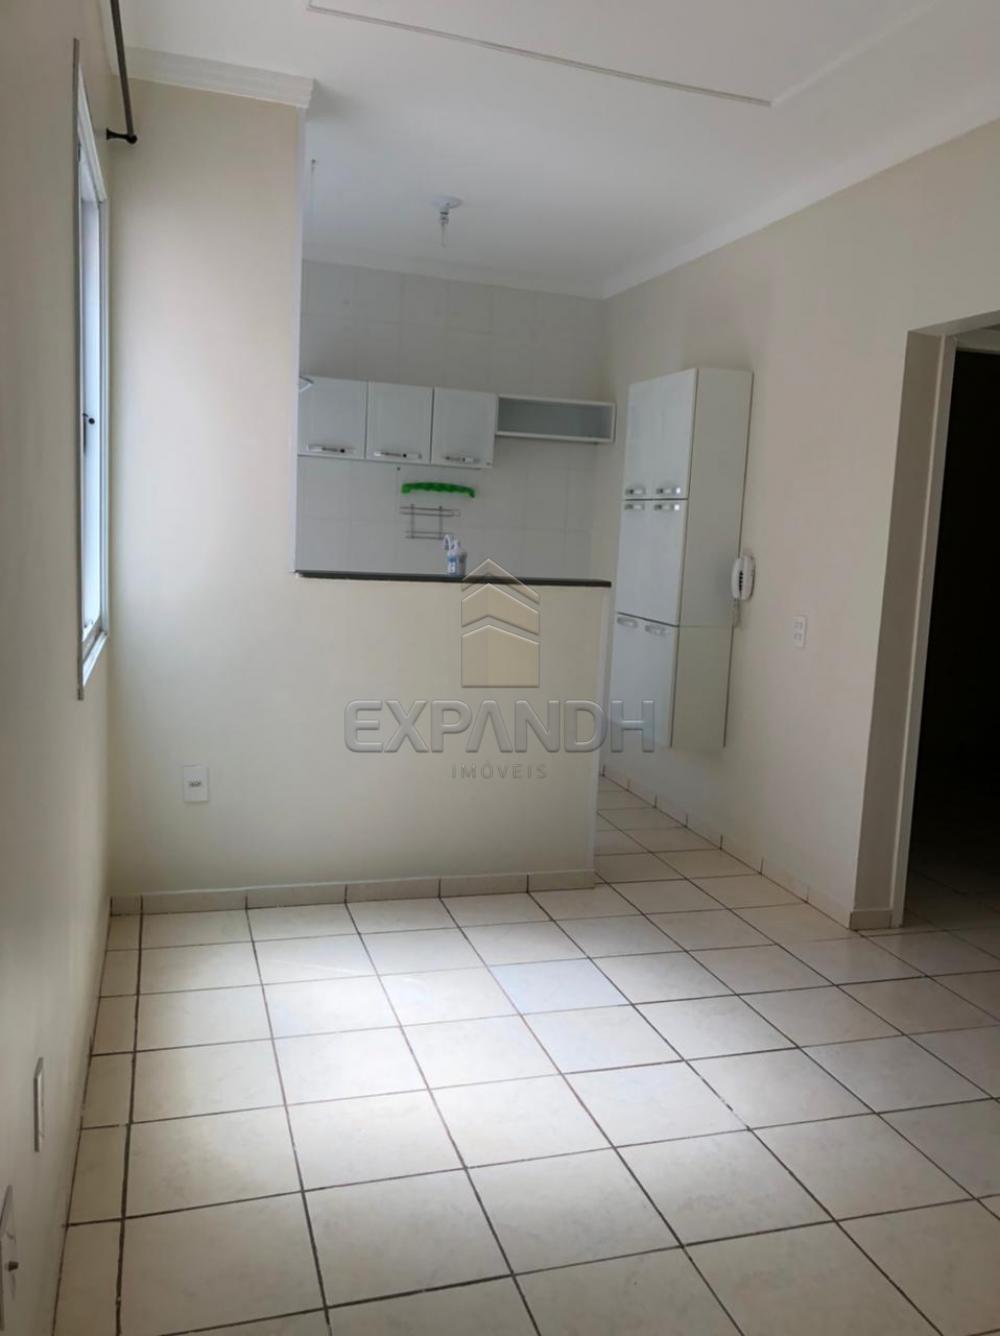 Alugar Apartamentos / Padrão em Sertãozinho R$ 780,00 - Foto 13